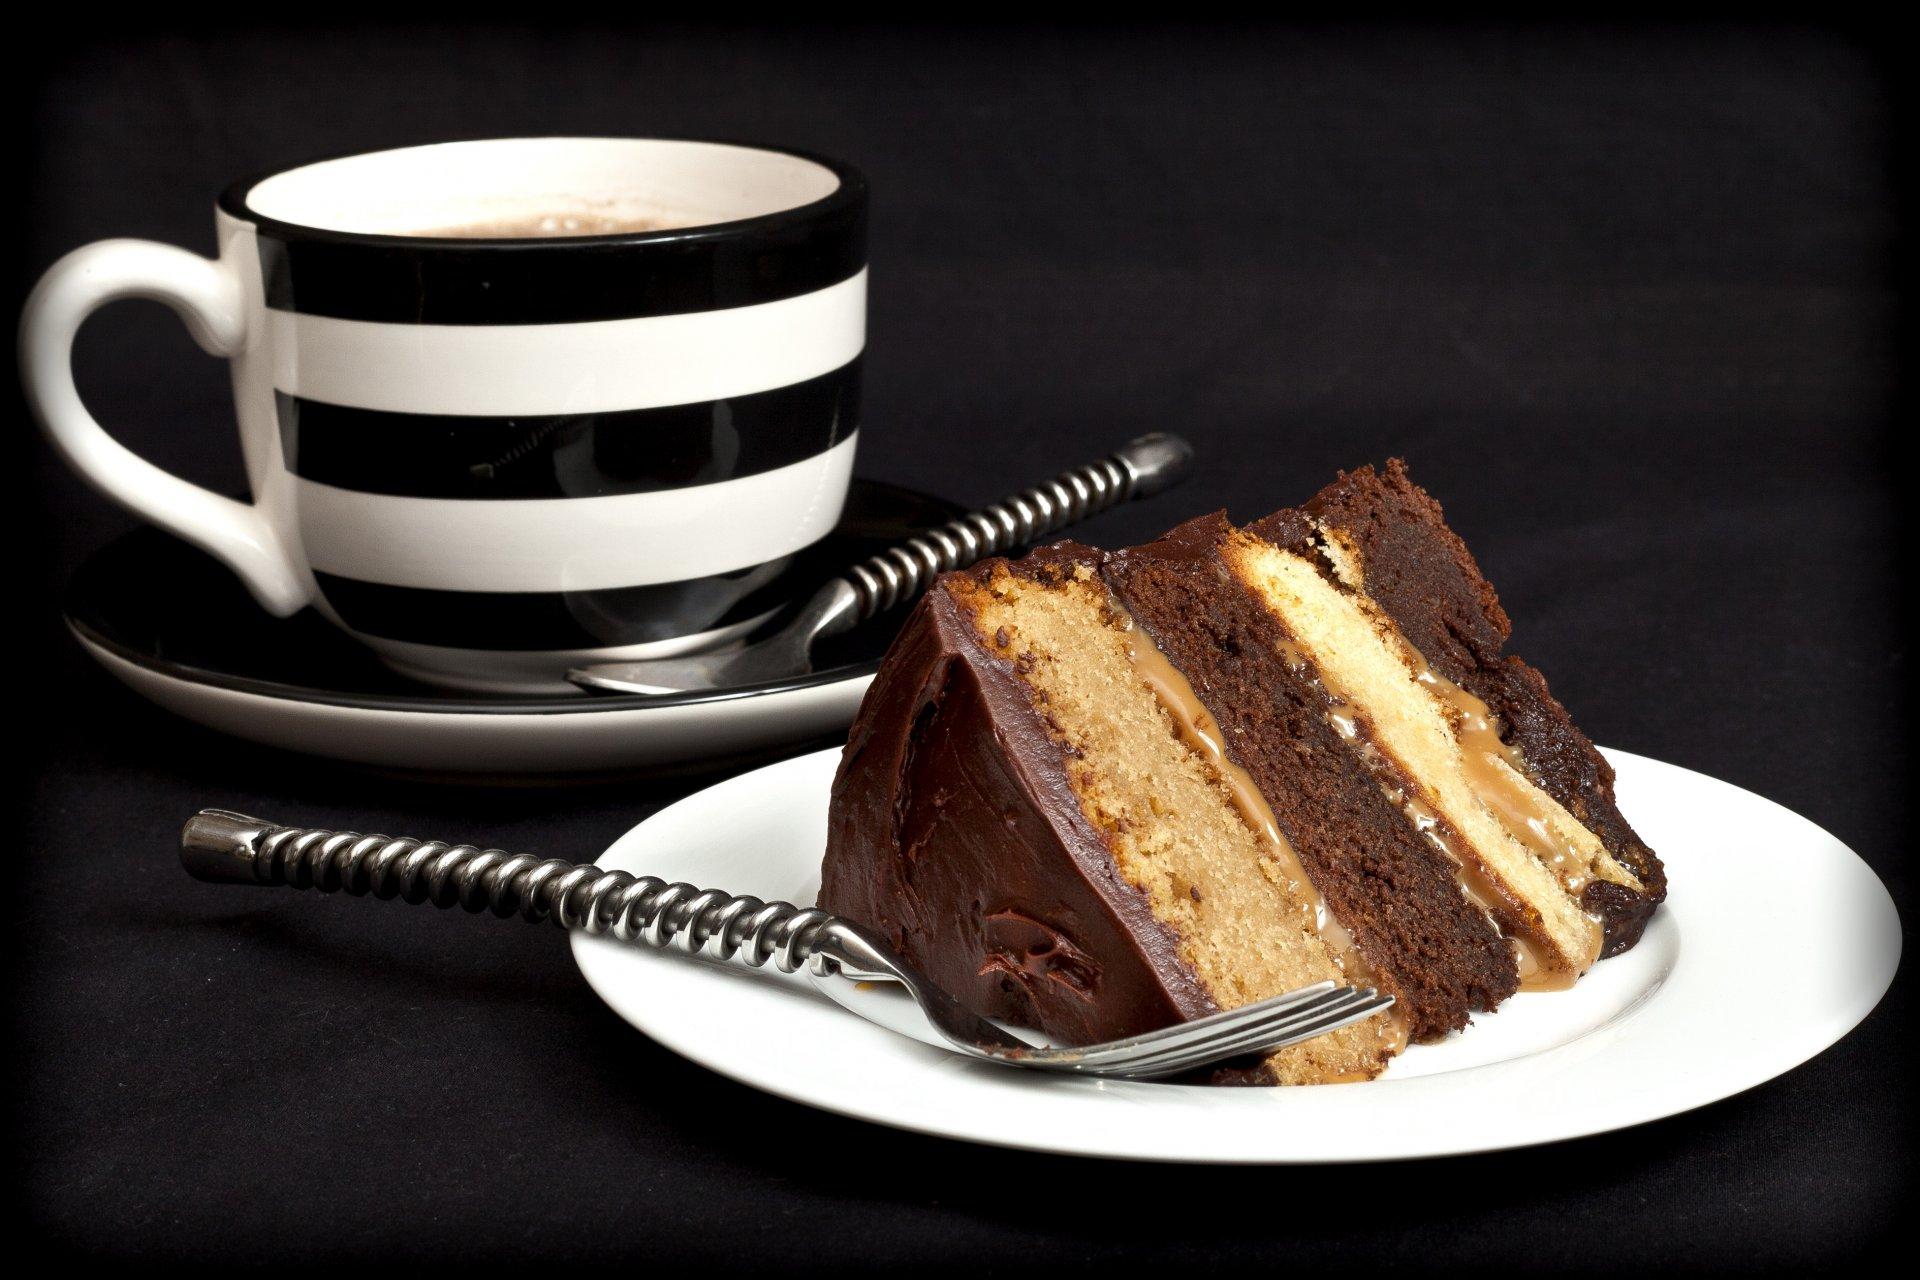 младшего возраста чай и кусочек торта картинки родители недавно погибли